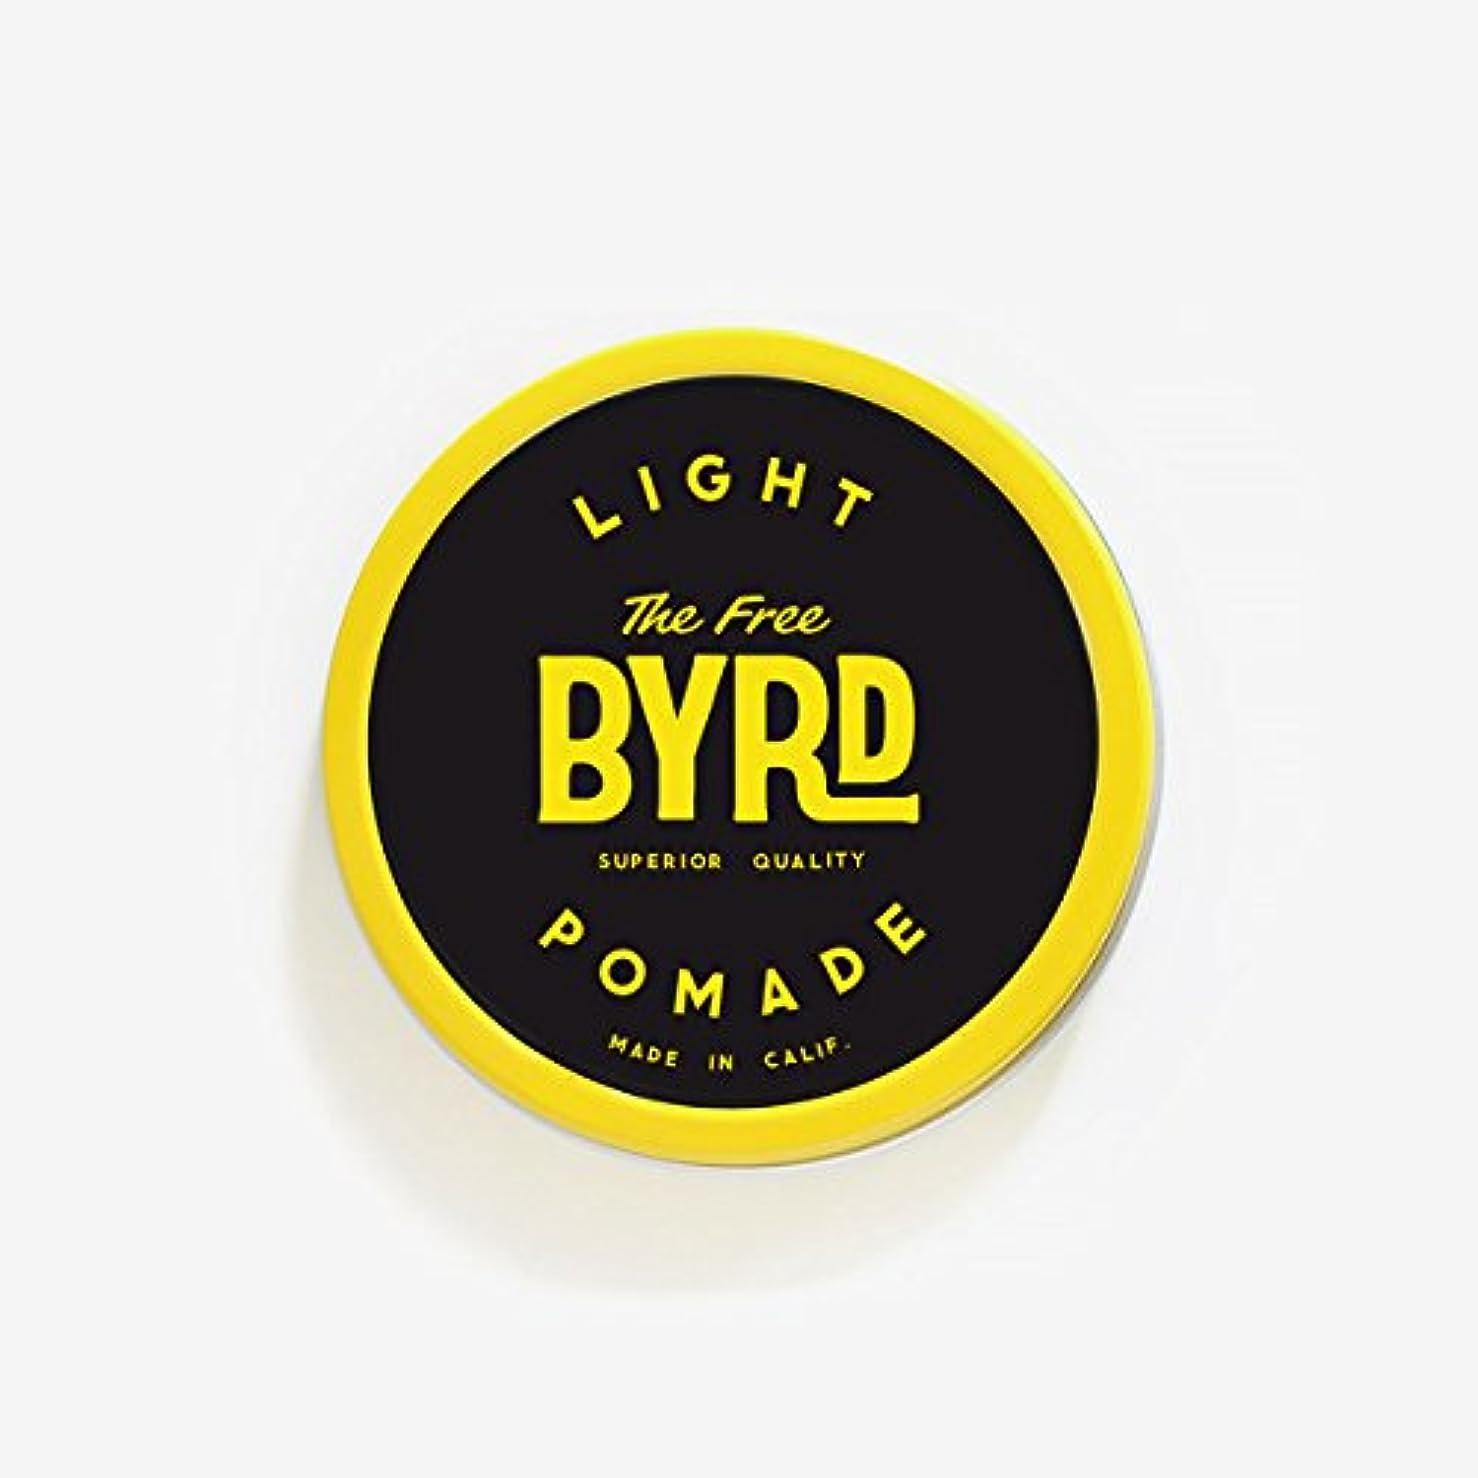 戦う殉教者おしゃれなバード(BYRD) カリフォルニア発ポマード288 LIGHT POMADE SMALL(スモールサイズ)ライトスタイルヘアワックスヘアスタイリング剤耐水性香料メンズ/レディース 【LIGHT】SMALL